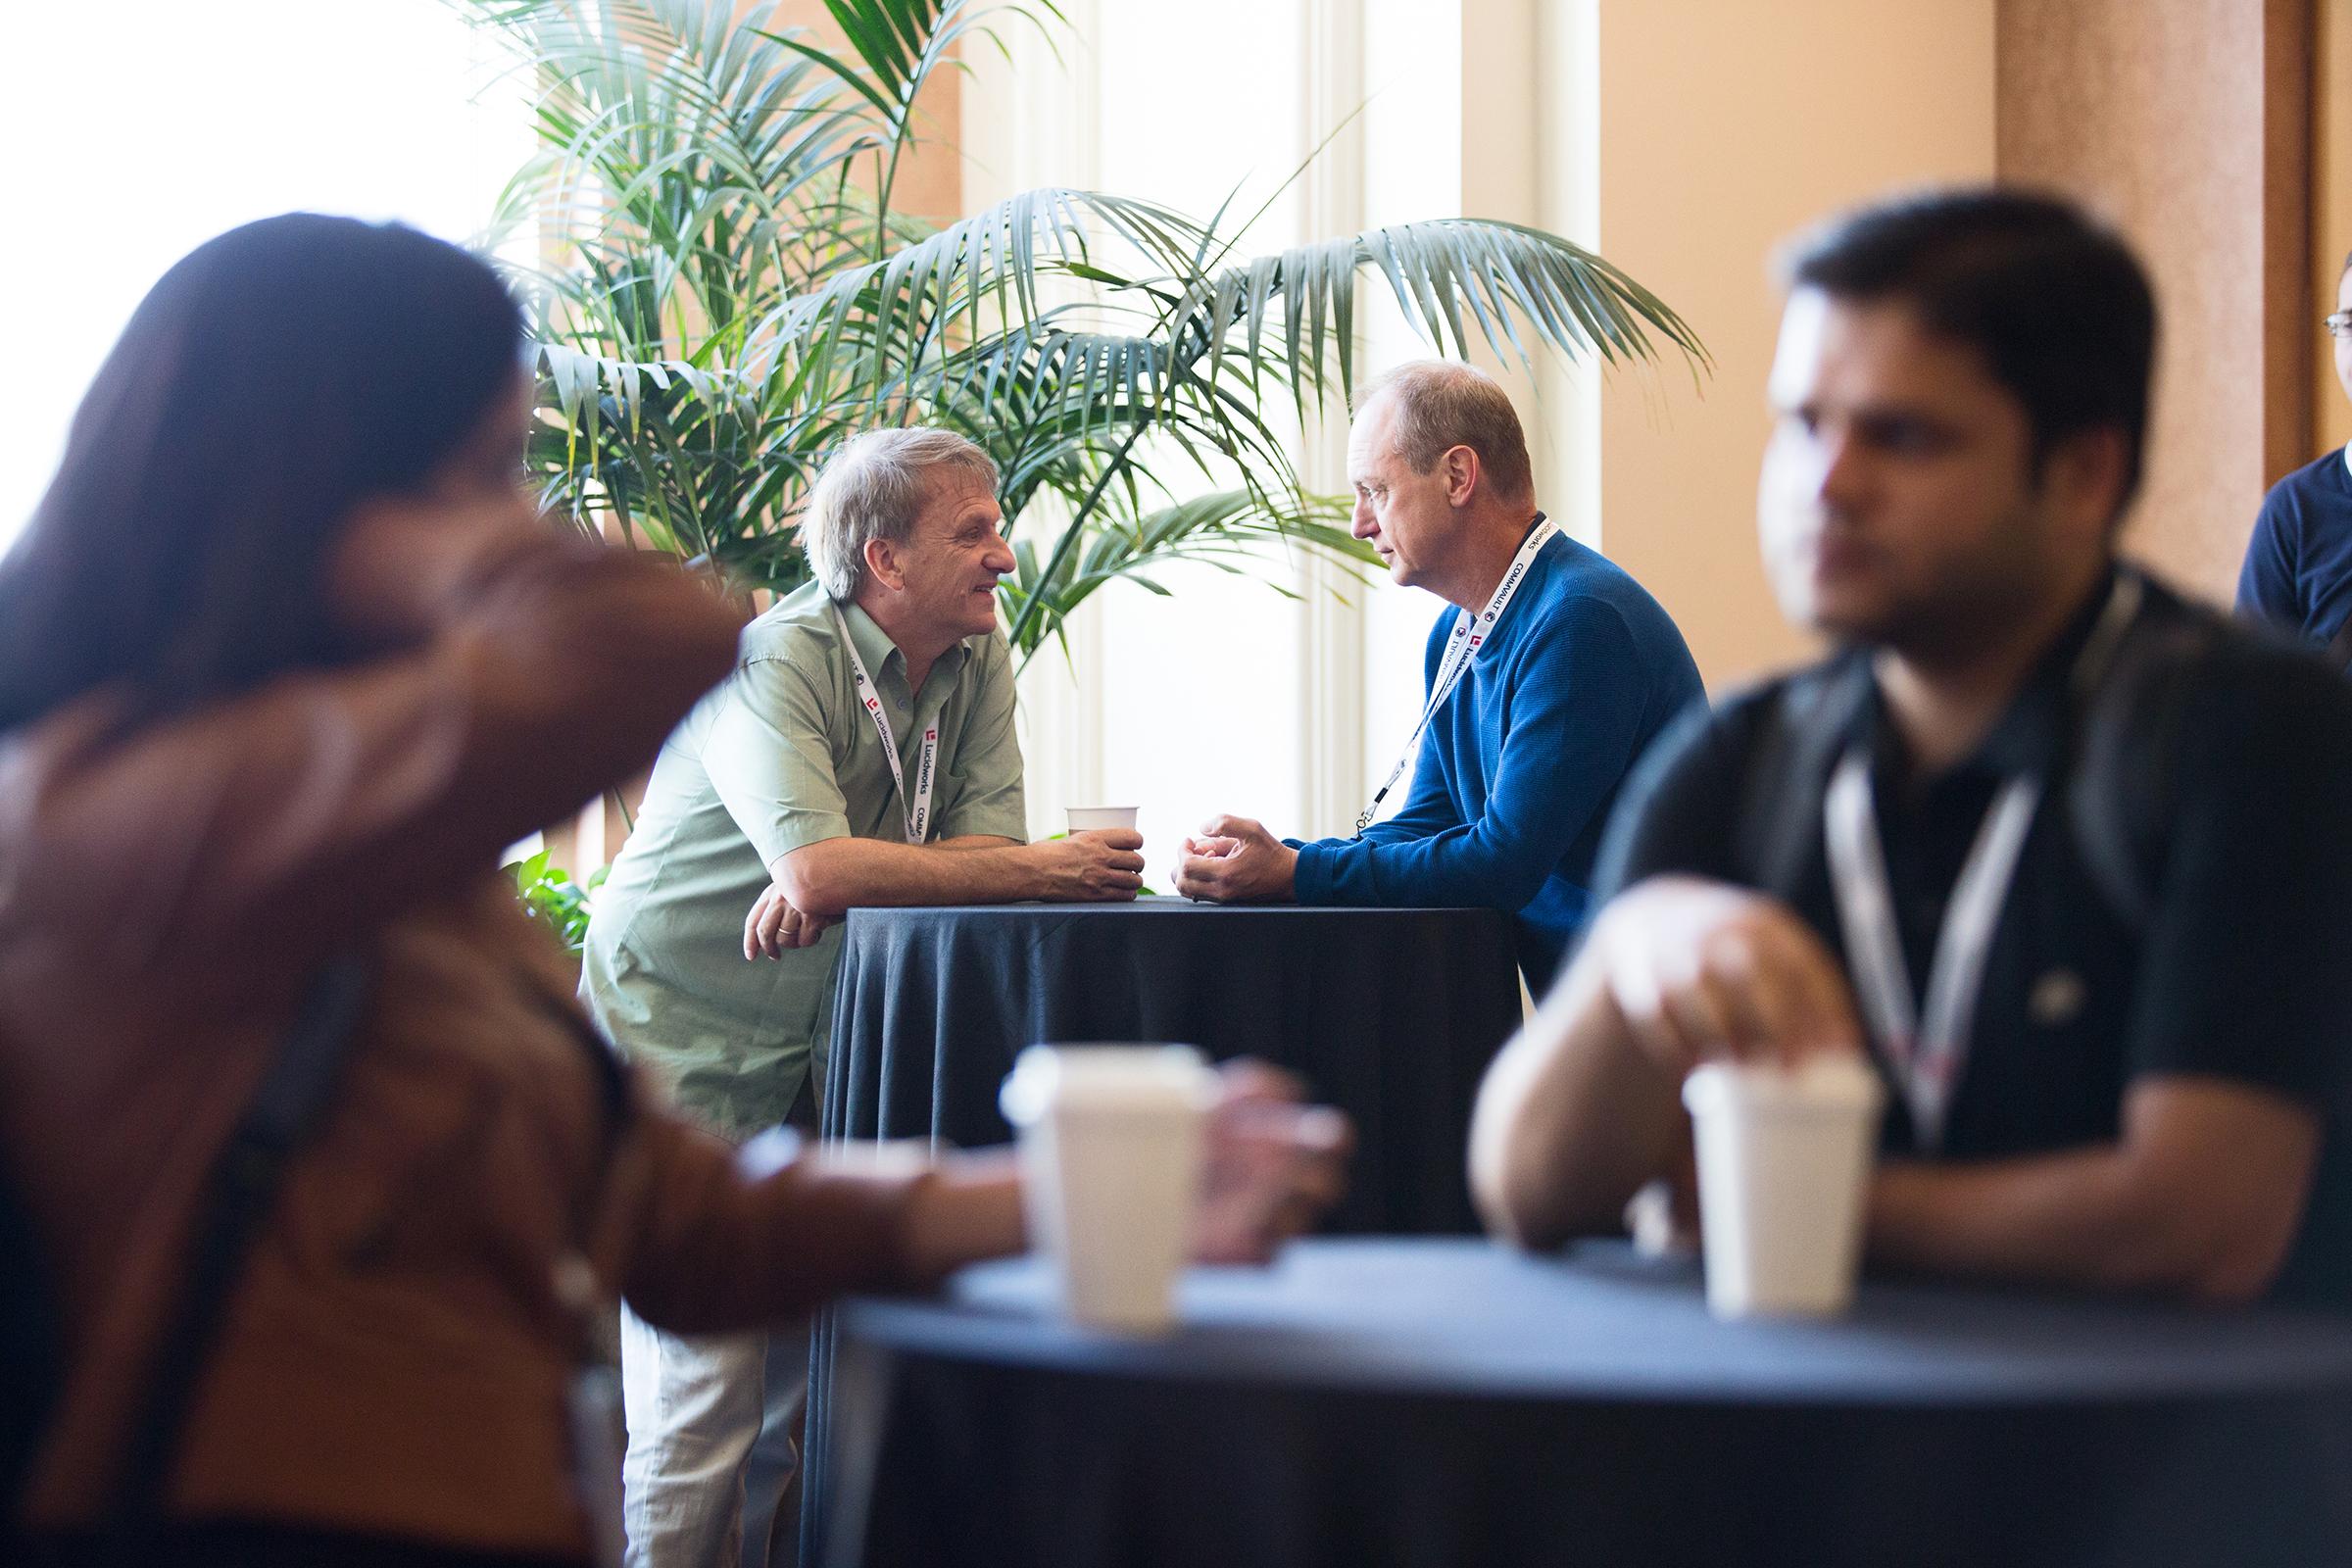 attendees_talking-04.jpg